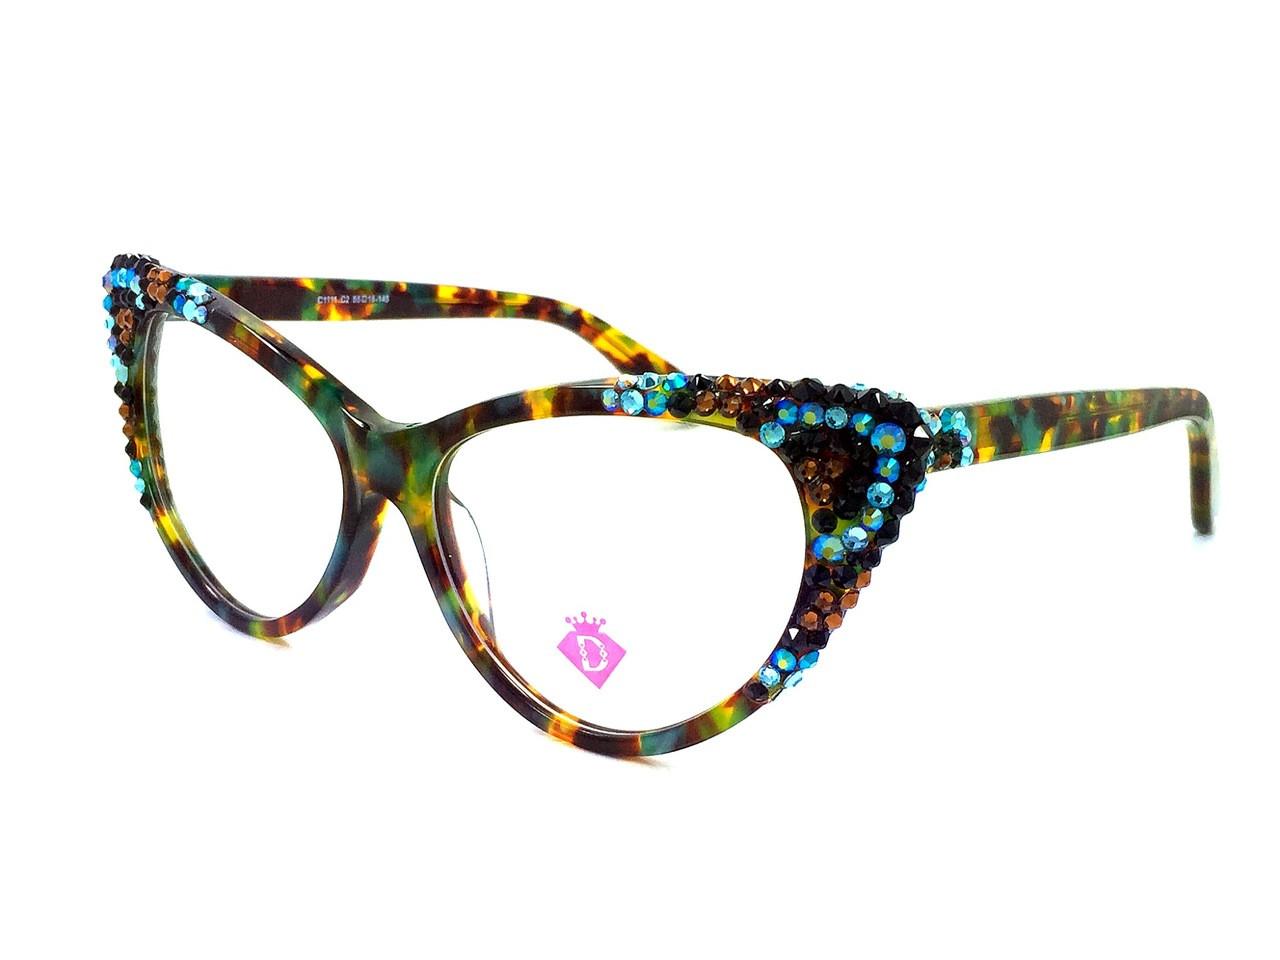 af6659004c Optical Crystal Cateye Apex Prescription Eyewear - Divalicious Eyewear